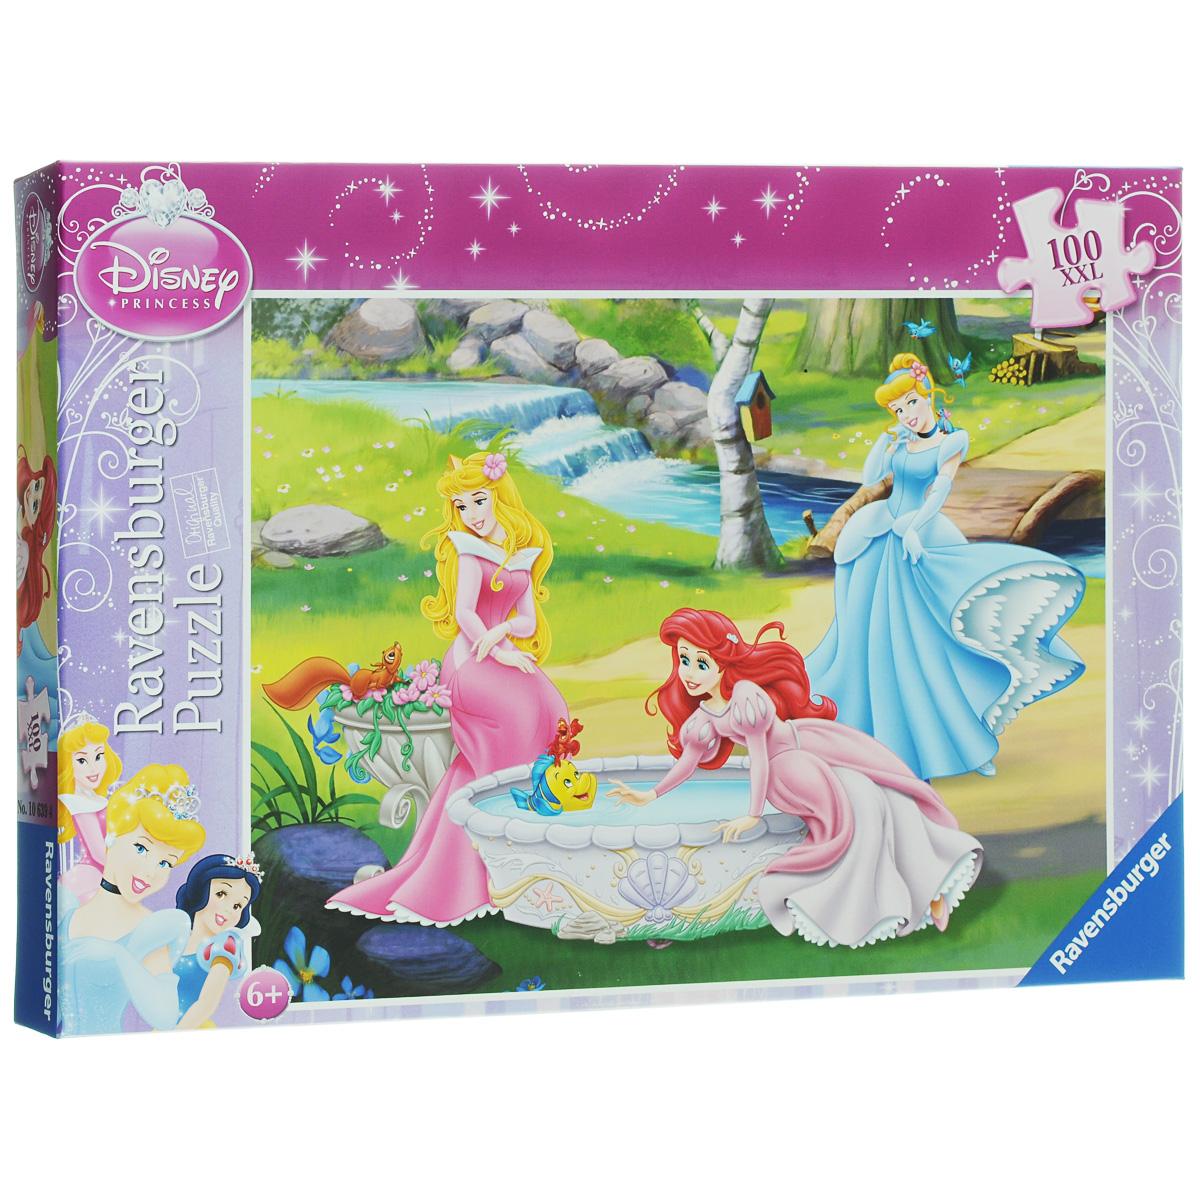 Ravensburger Принцессы в саду. Пазл XXL, 100 элементов10639Пазл Ravensburger Принцессы в саду обязательно понравится вашему ребенку. Собрав этот пазл, включающий в себя 100 крупных элементов, вы получите замечательную картинку с изображением принцесс из любимых диснеевских мультфильмов. Пазл изготовлен из картона высочайшего качества. Каждая деталь имеет свою форму и подходит только на свое место. Пазлы - замечательная развивающая игра для детей. Собирание пазла развивает у ребенка мелкую моторику рук, тренирует наблюдательность, логическое мышление, знакомит с окружающим миром, с цветом и разнообразными формами, учит усидчивости и терпению, аккуратности и вниманию.